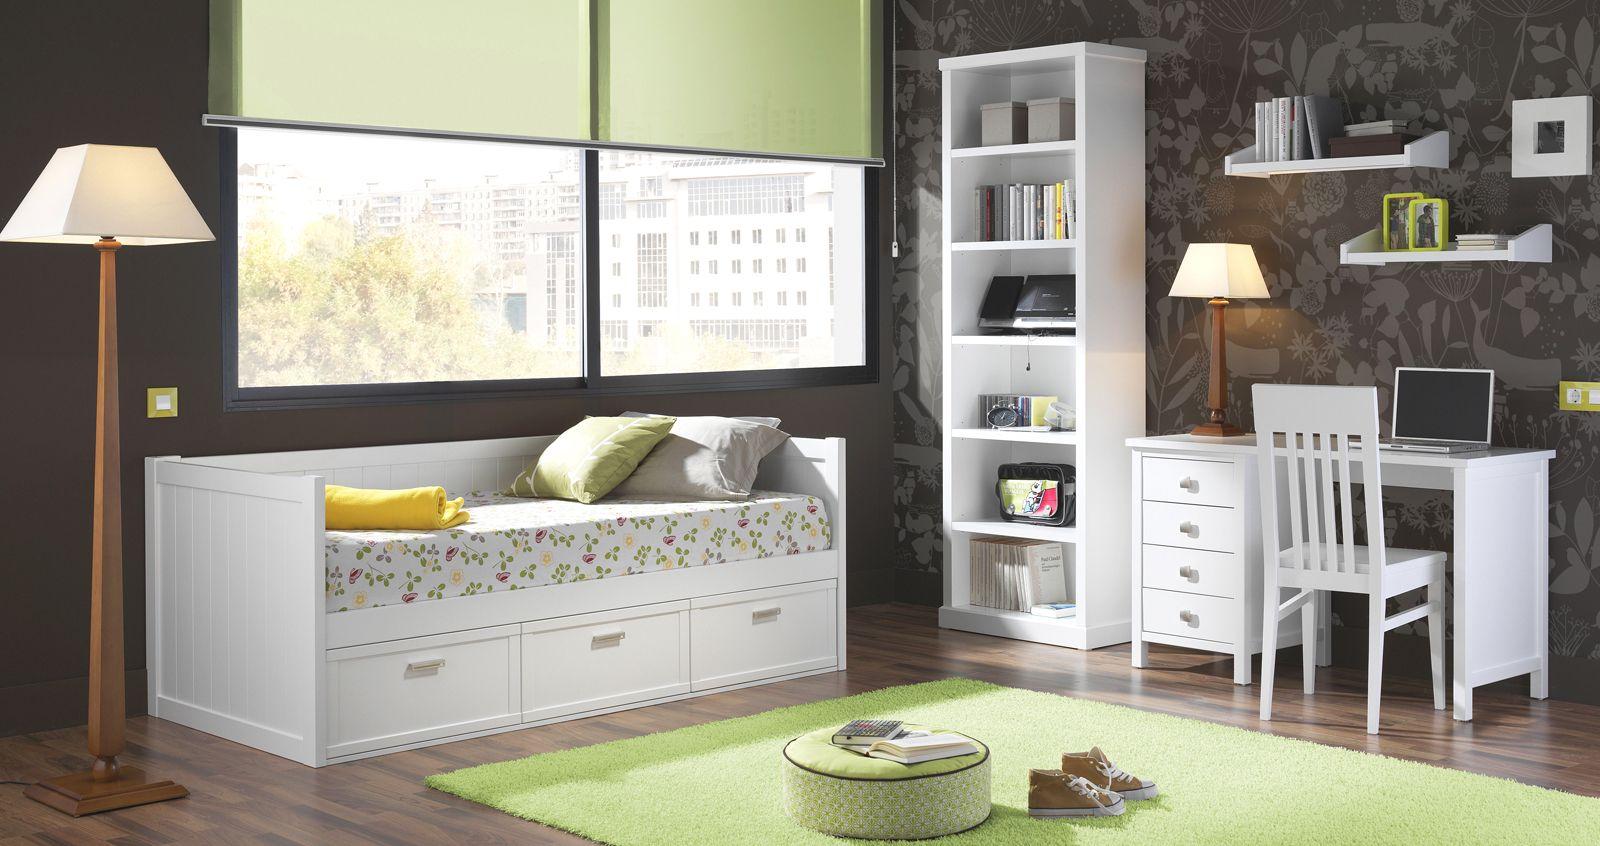 Dormitorio Juvenil de madera cama nido con respaldo. Más info en www ...